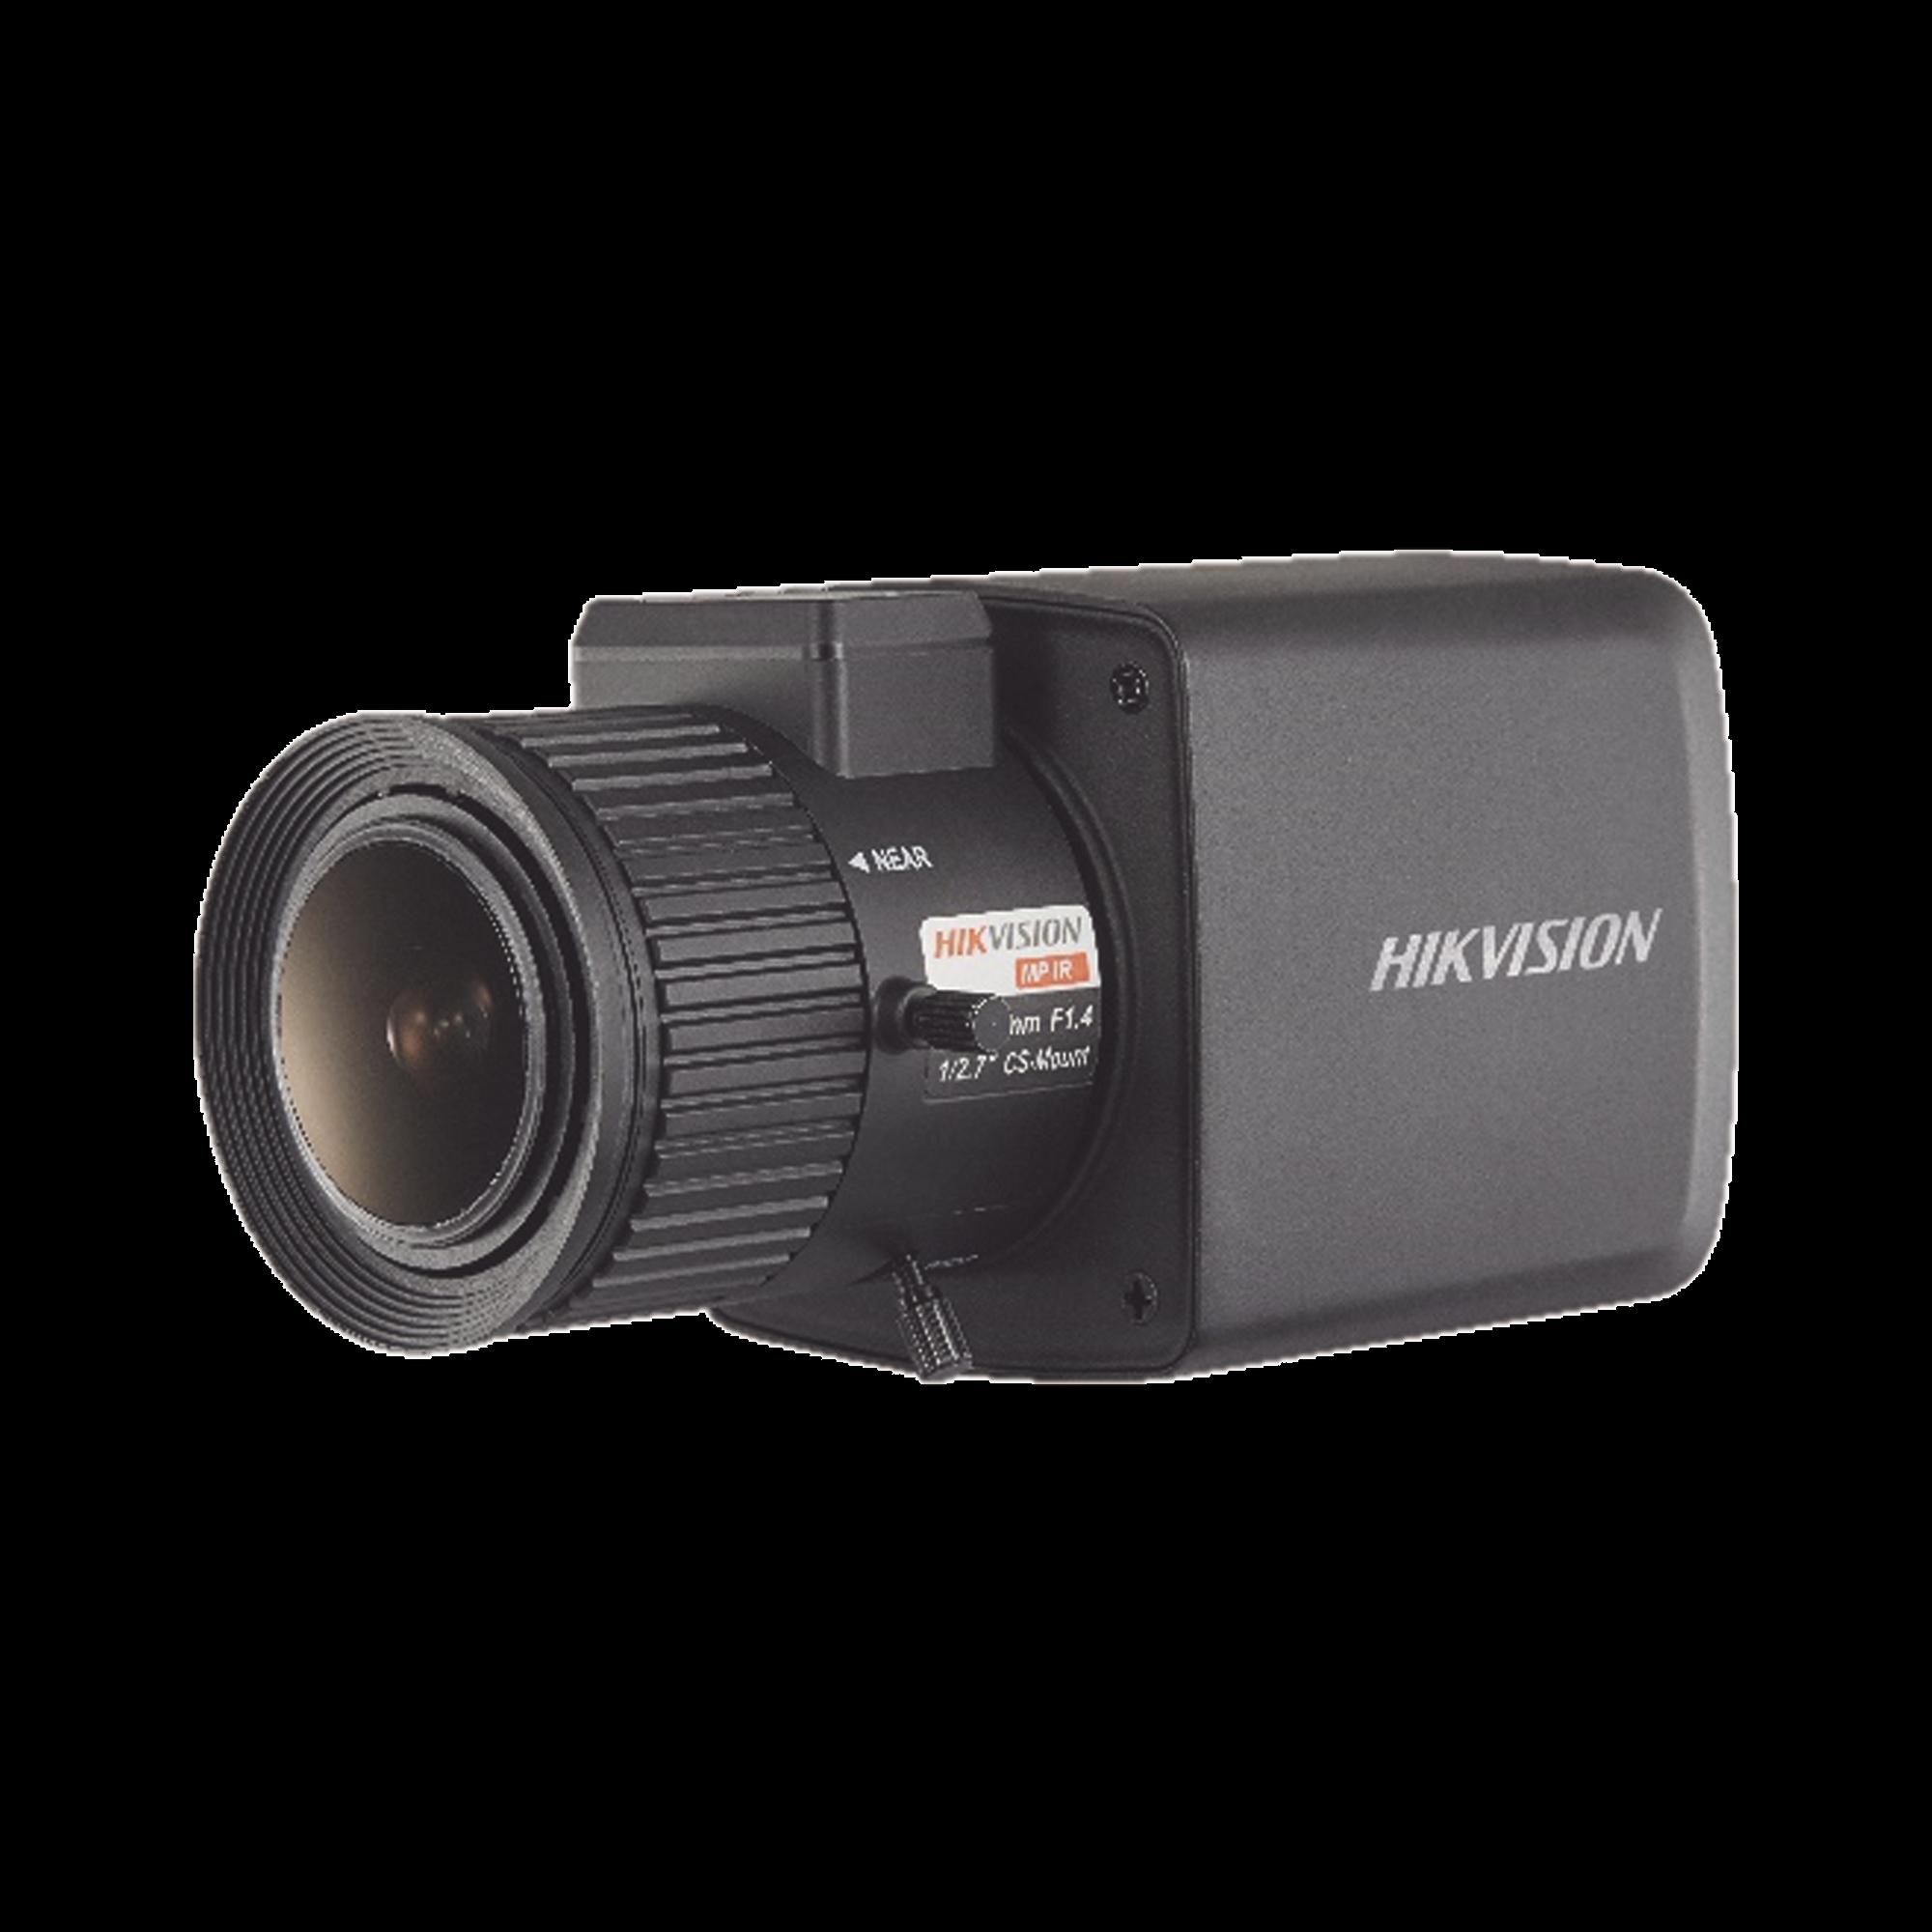 Cámara Tipo Box (Profesional) TURBOHD 2 Megapixel (1080p) / Diseño Compacto / Ultra Baja Iluminación / WDR Real 120 dB / 4 Tecnologías (TVI / AHD / CVI / CVBS) / 12 VCD